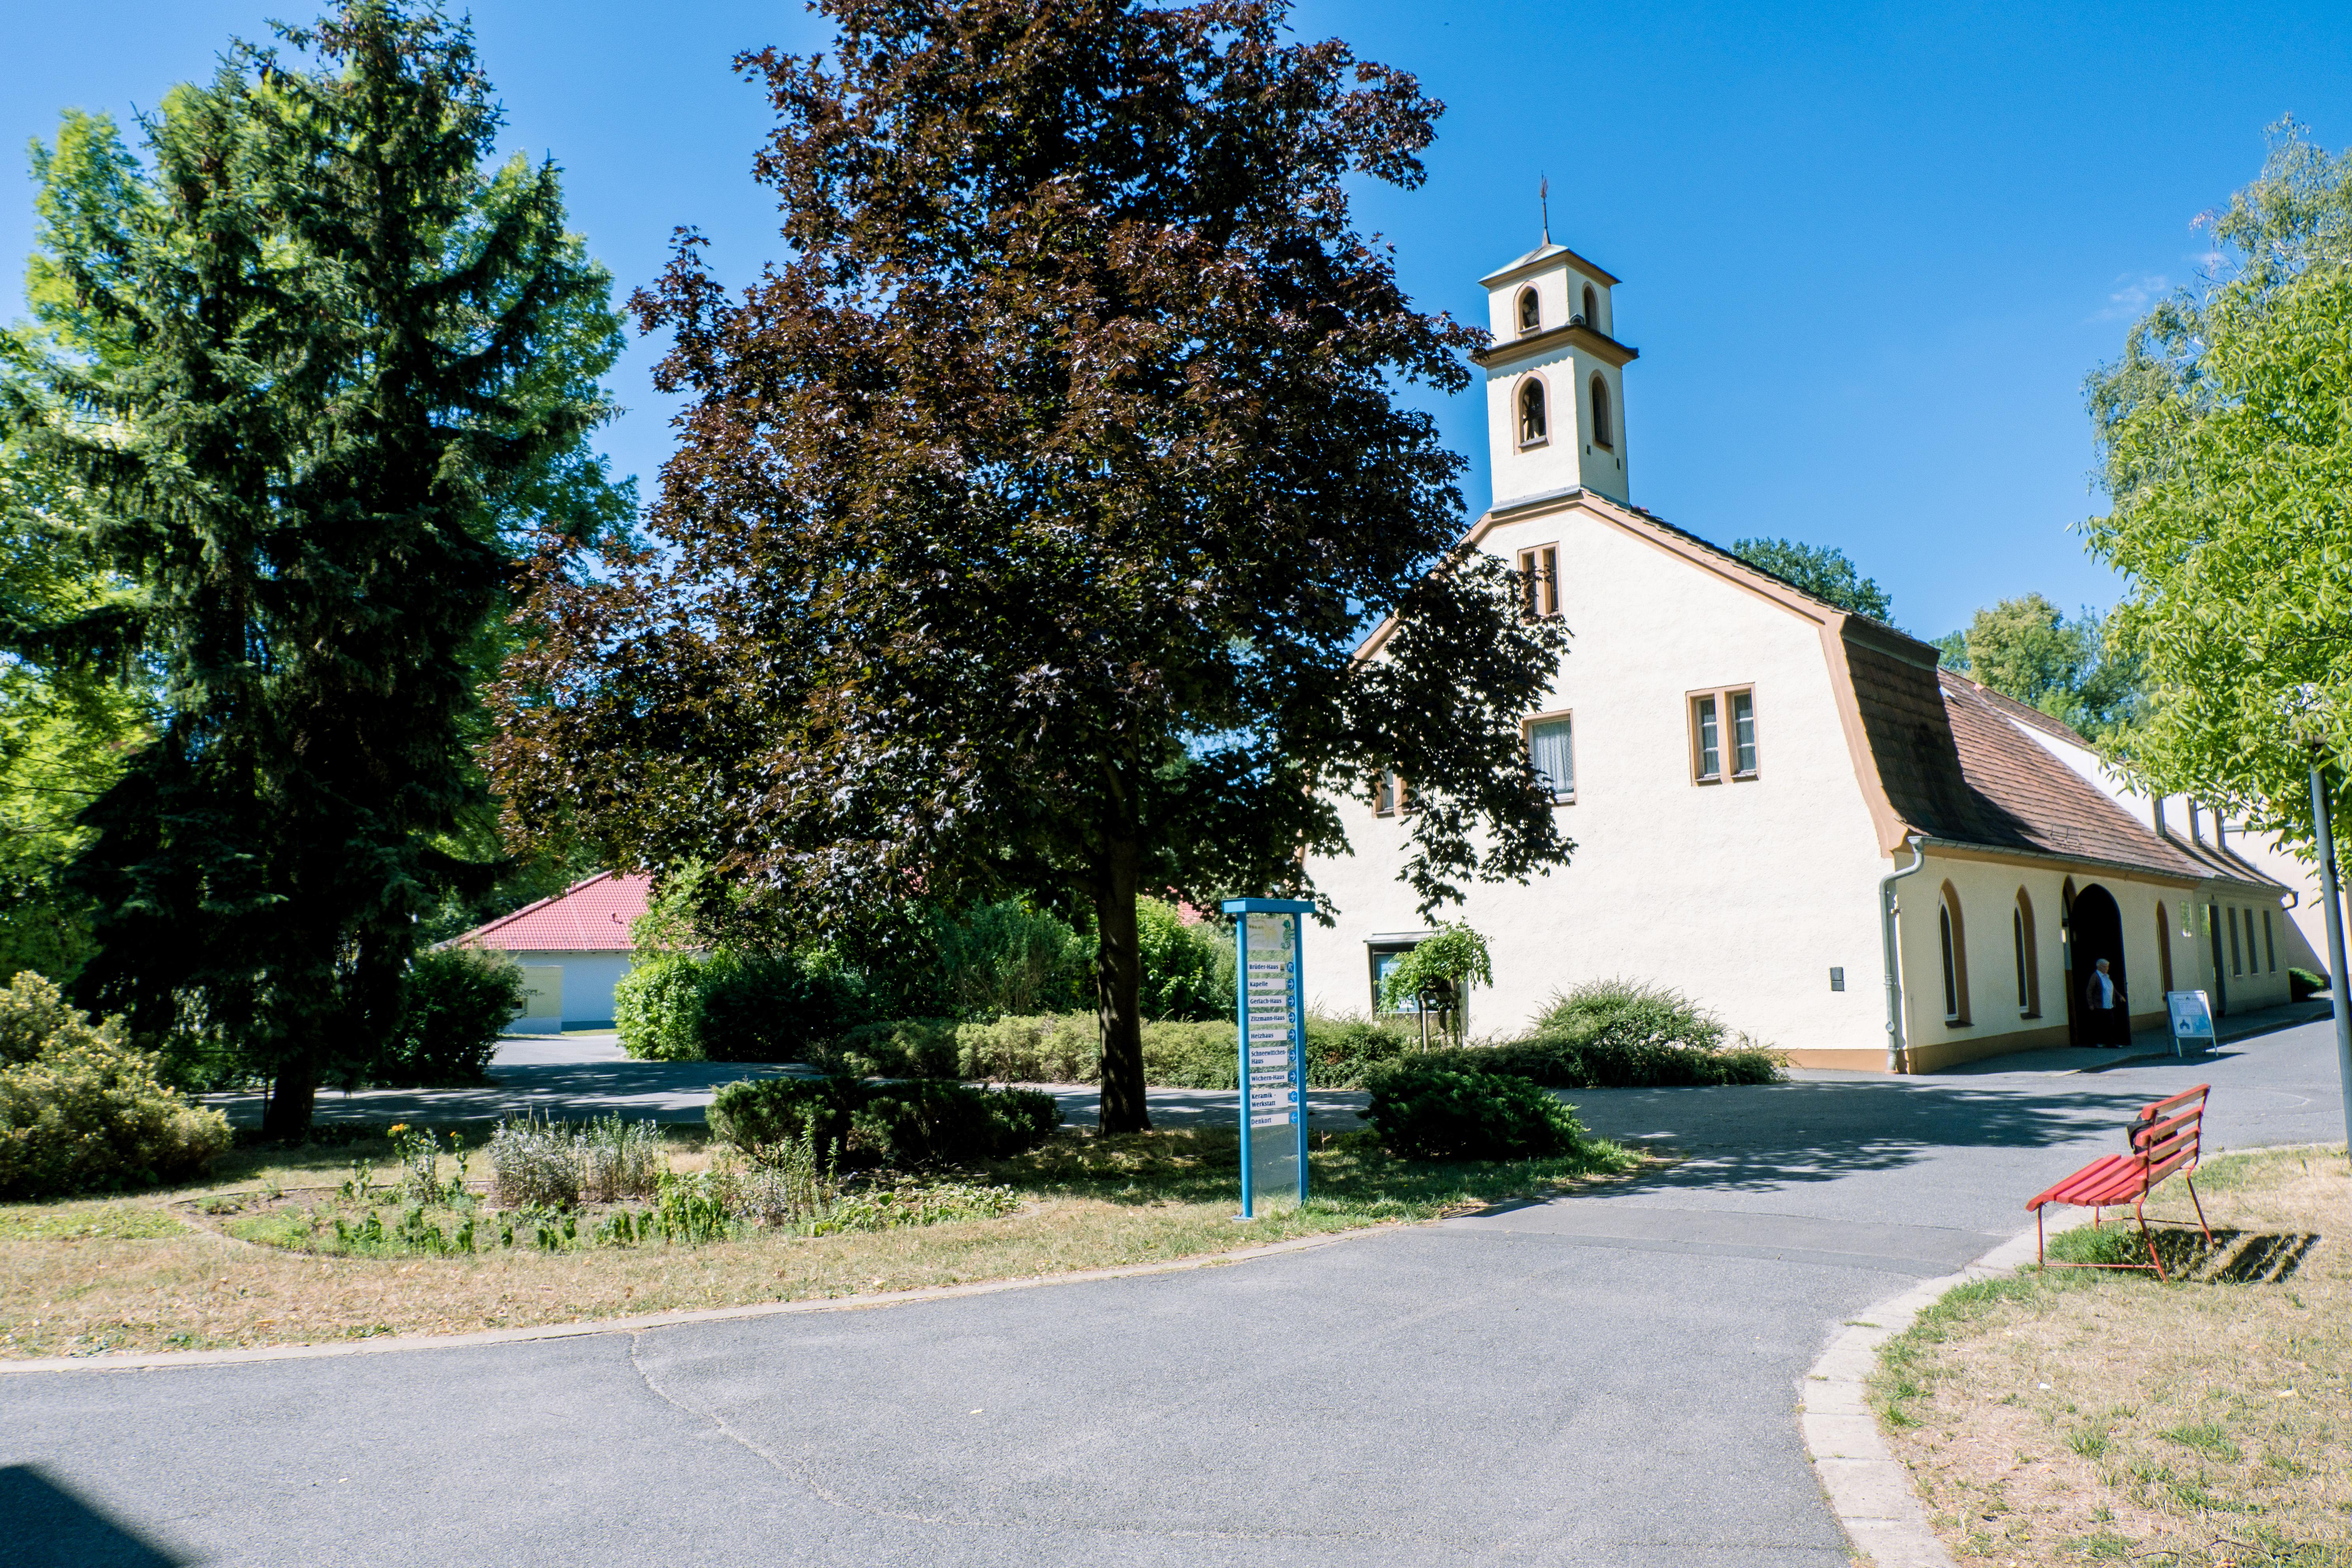 Blick zur eigenen Kapelle im Martinshof Rothenburg.